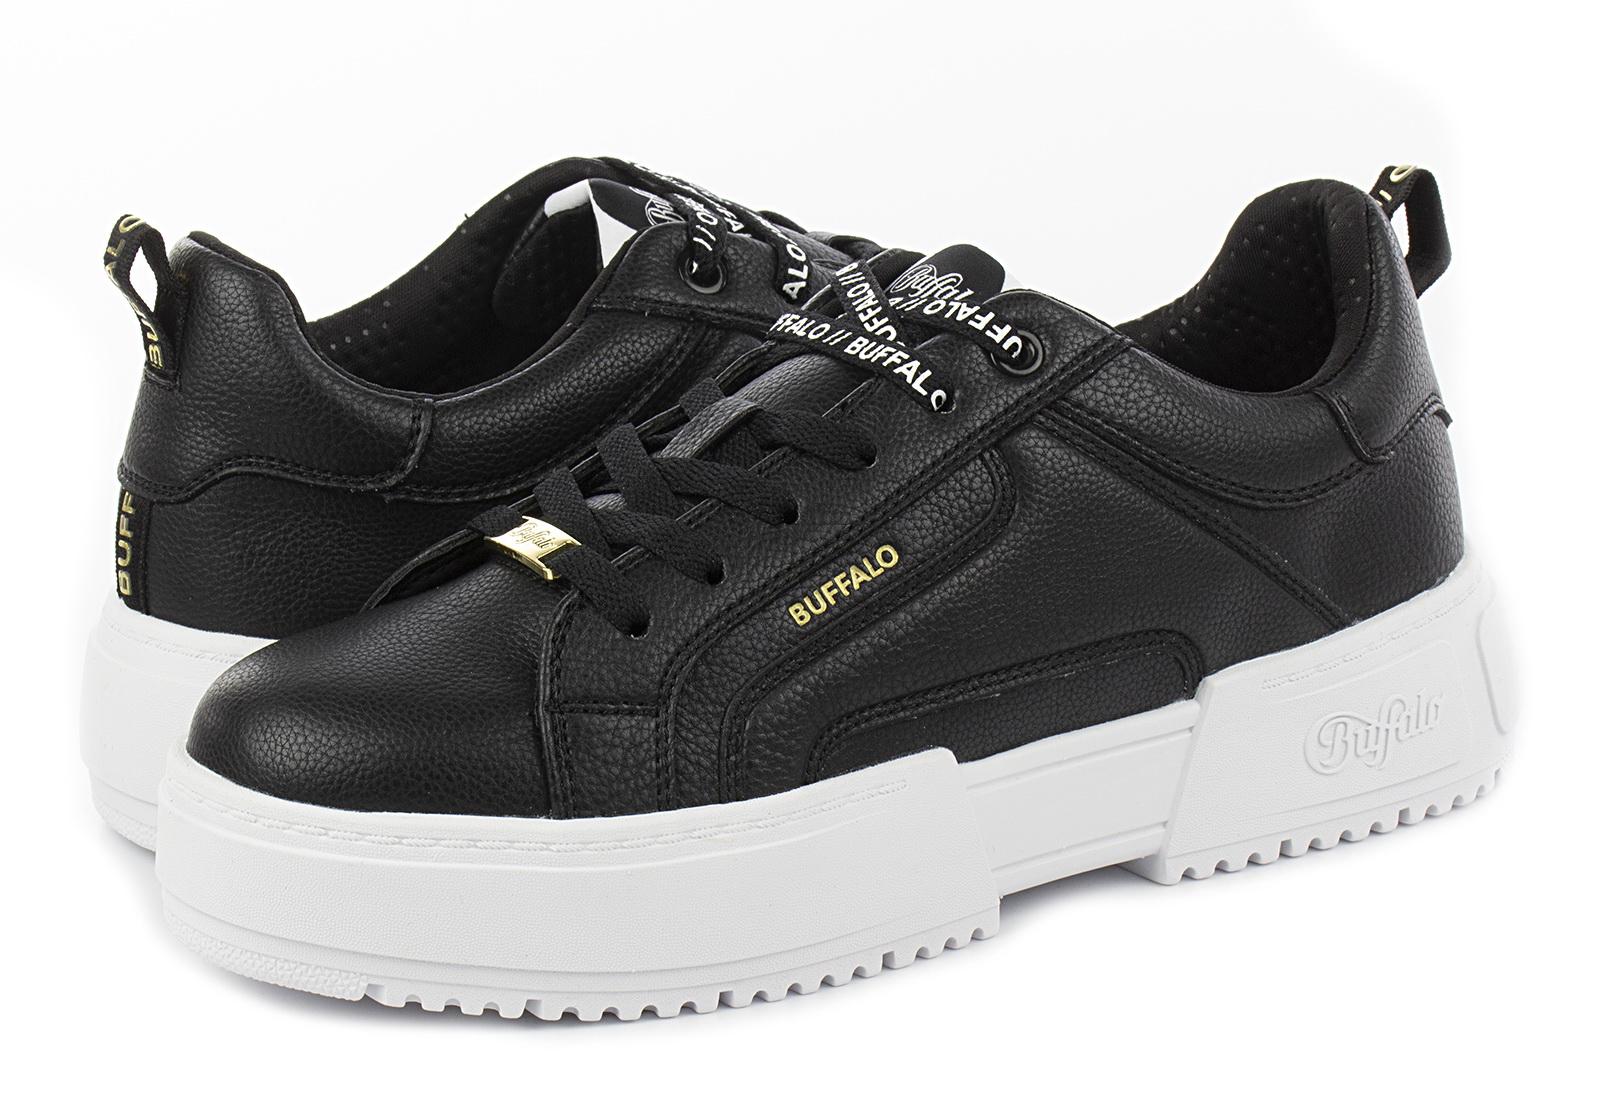 Buffalo Pantofi Rse V1